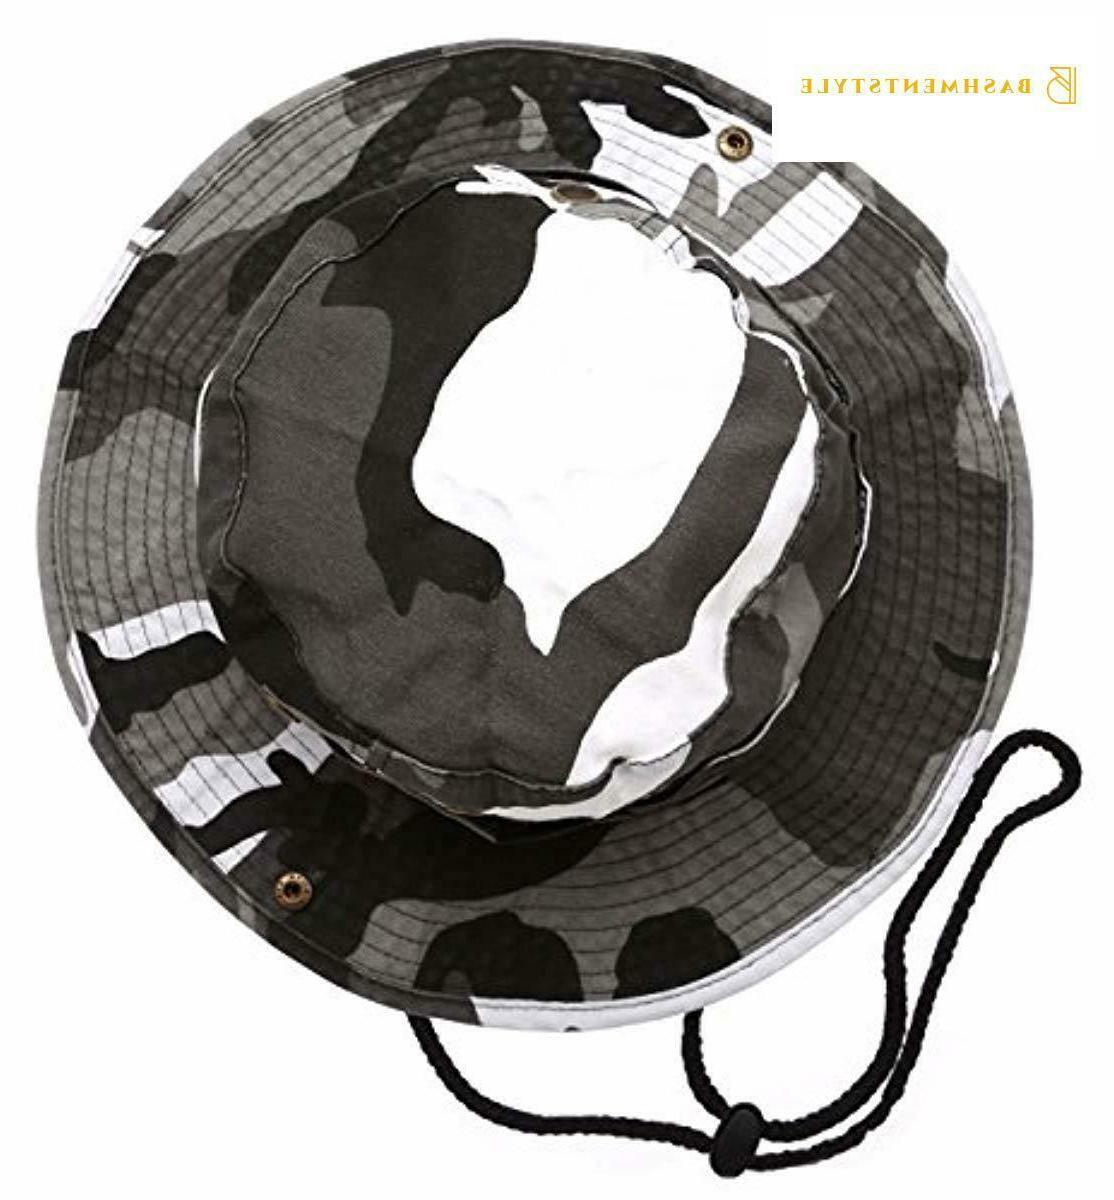 Summer Outdoor Boonie Hunting Fishing Safari Bucket Sun Hat with